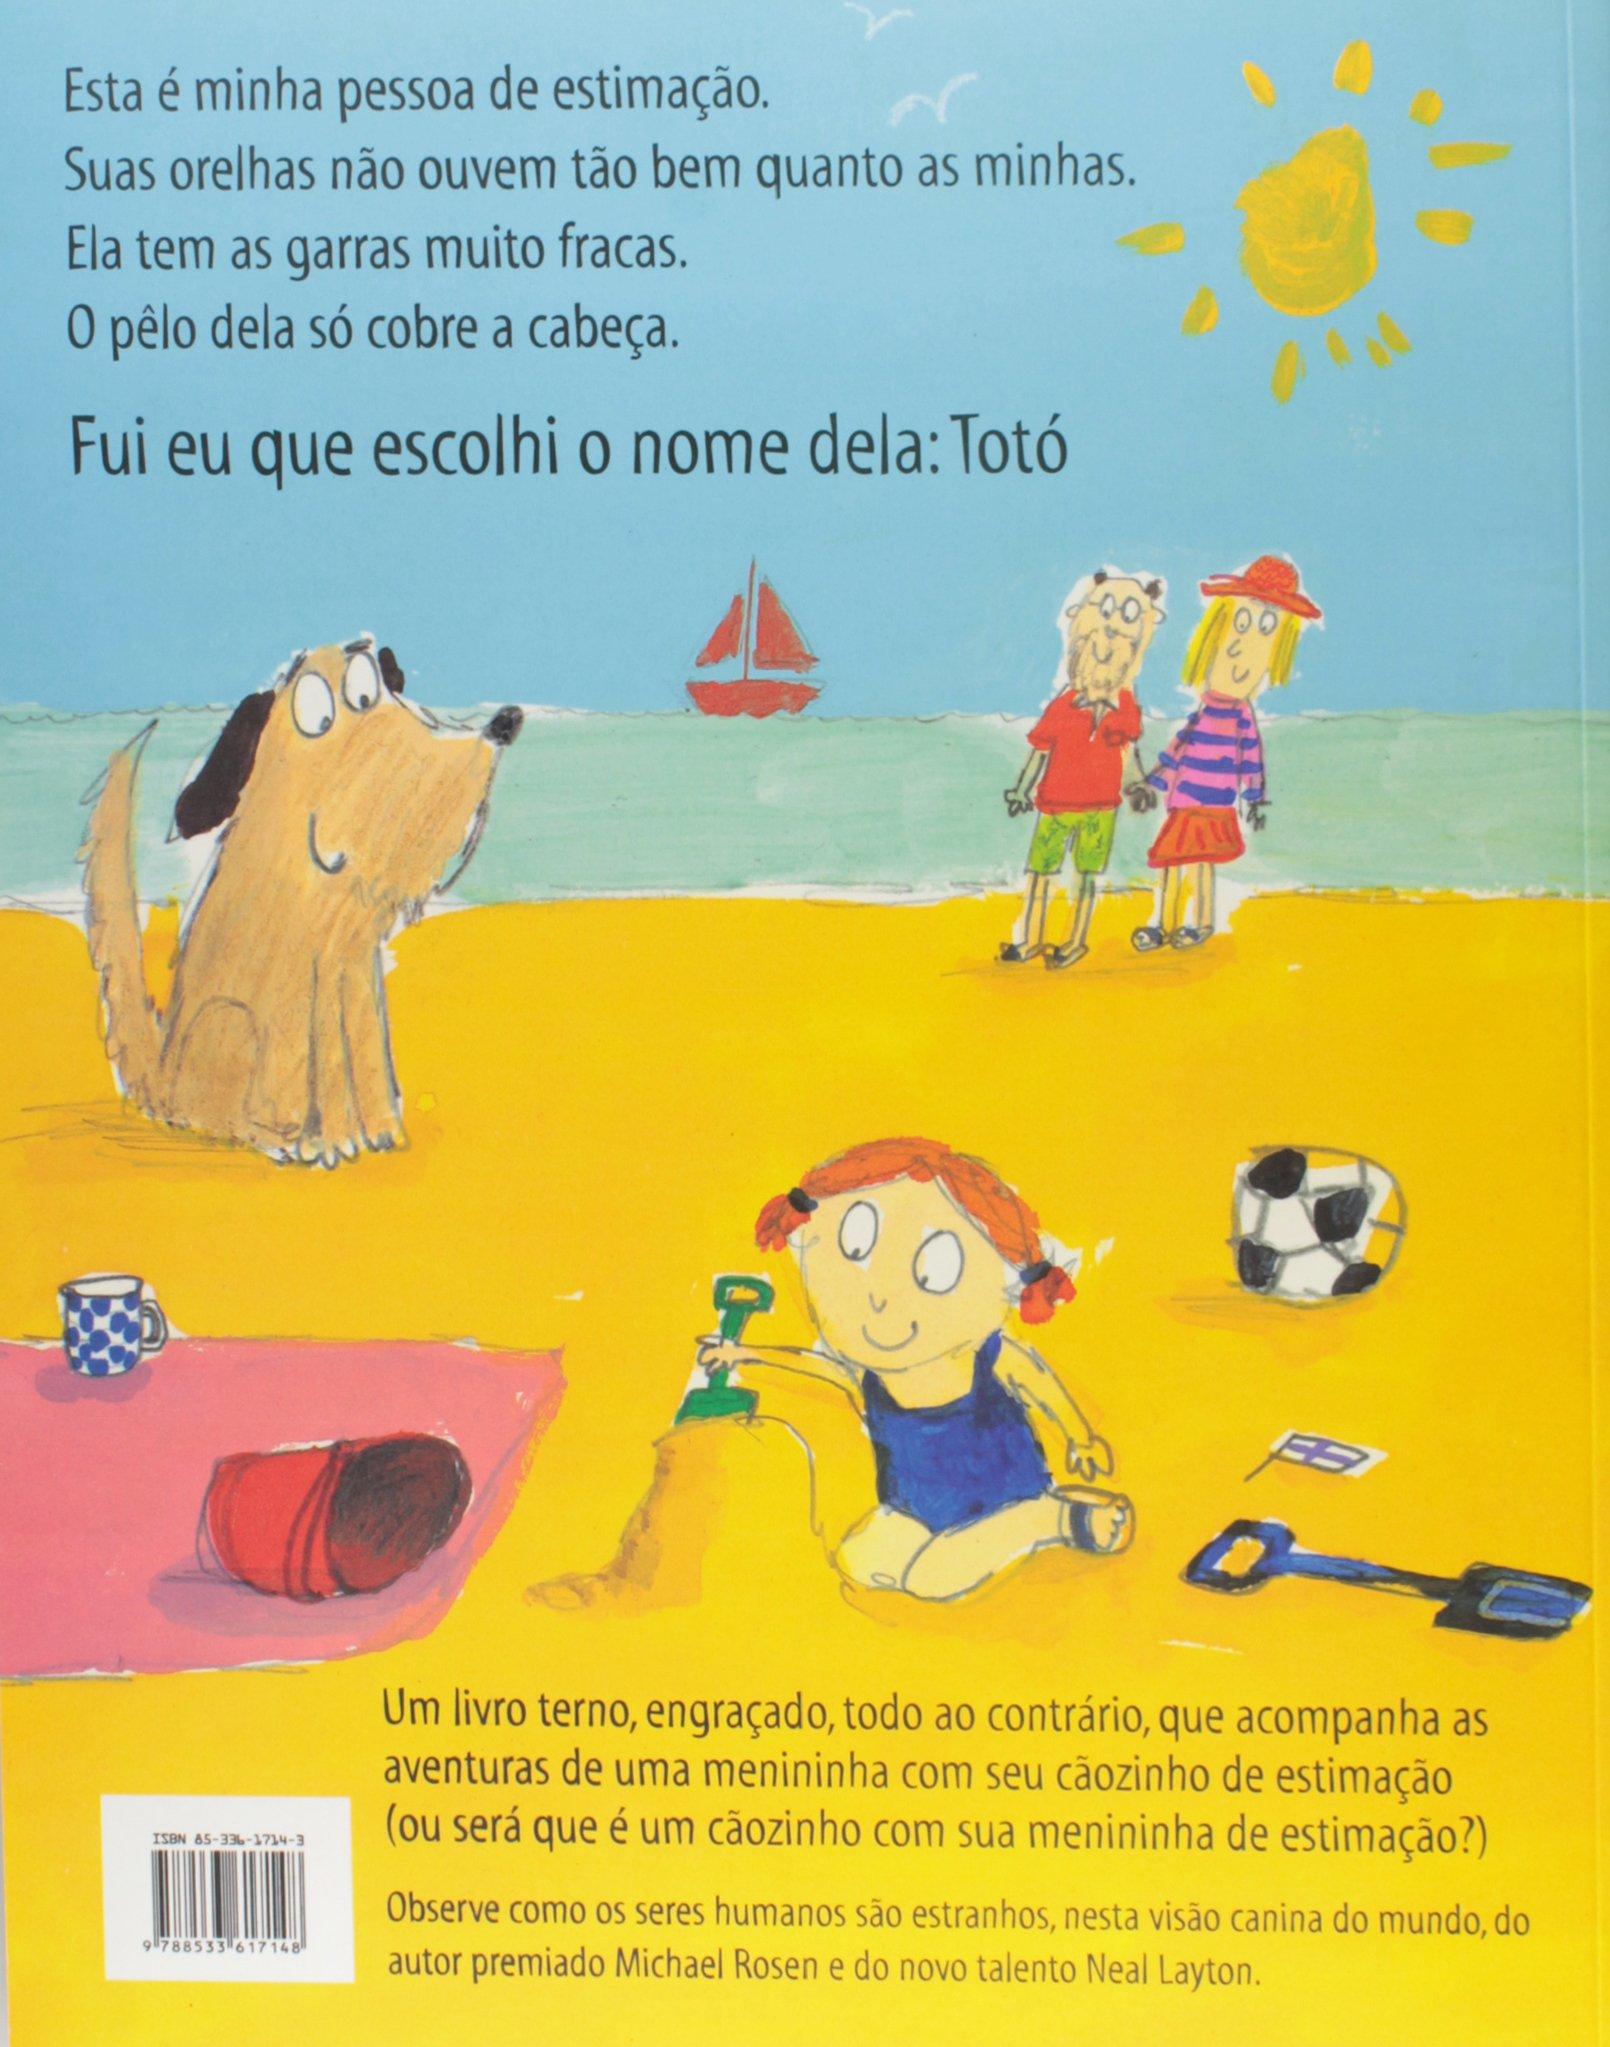 a76d6444f5 Totó - Livros na Amazon Brasil- 9788533617148